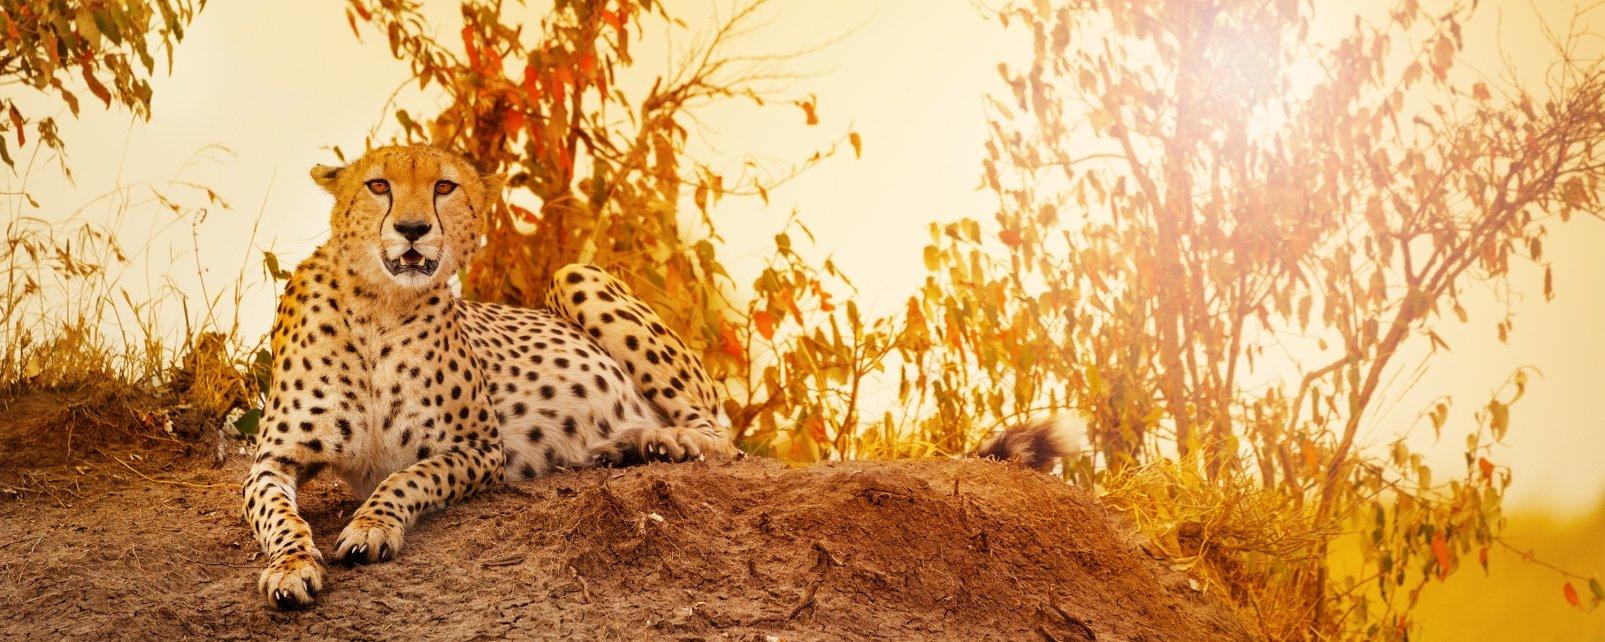 La faune et la flore, léopard, panthère, fauve, félin, mammifère, faune, animal, désert, parc, réserve, w, afrique, niger